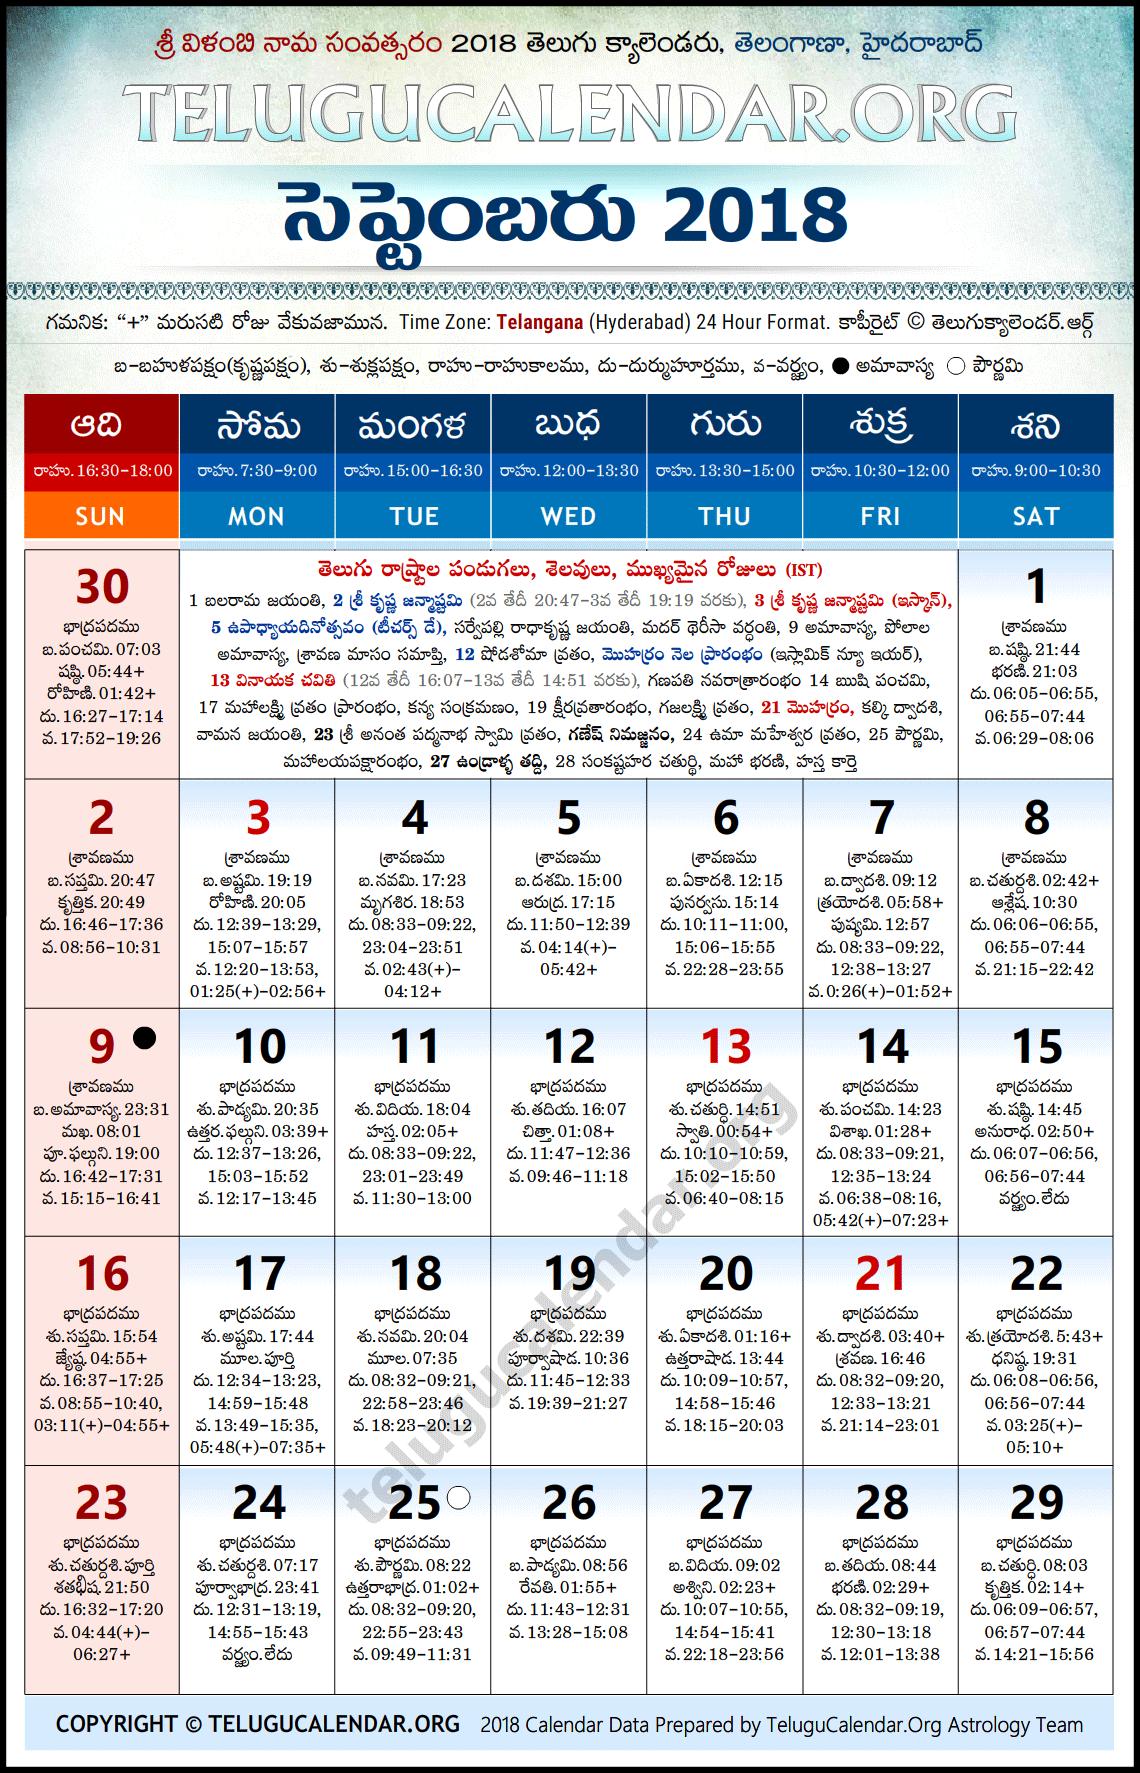 2019 Calendar Vinayaka Chavithi